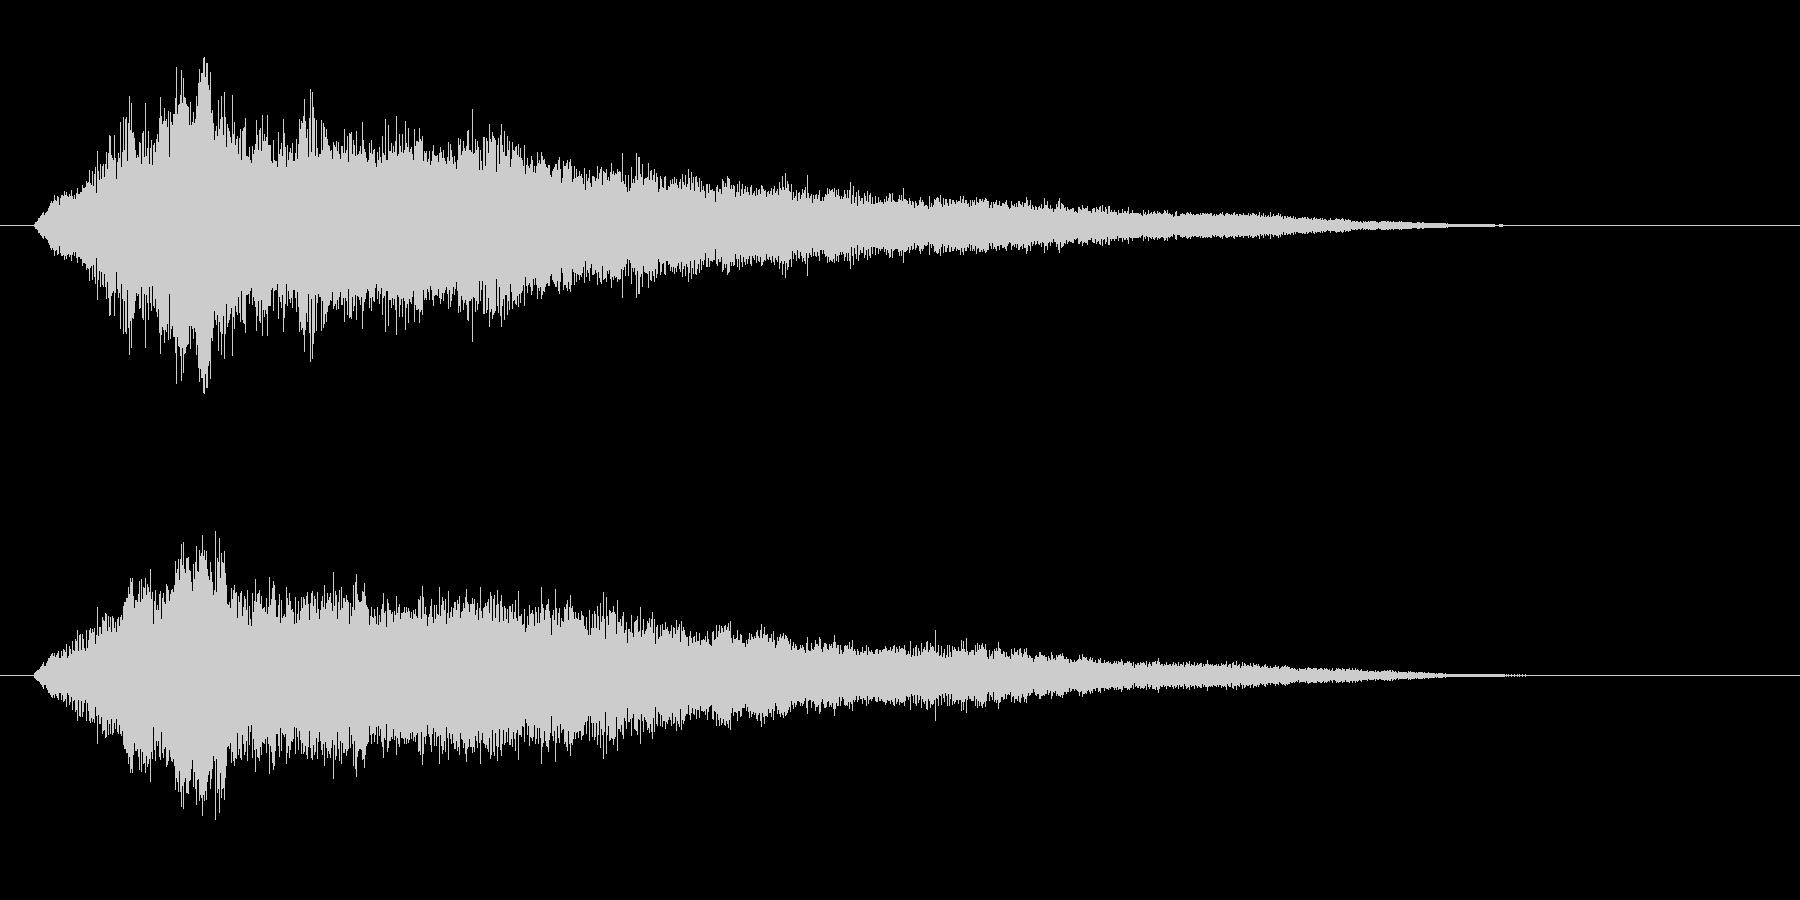 古いパソコンの起動音風ジングル1の未再生の波形